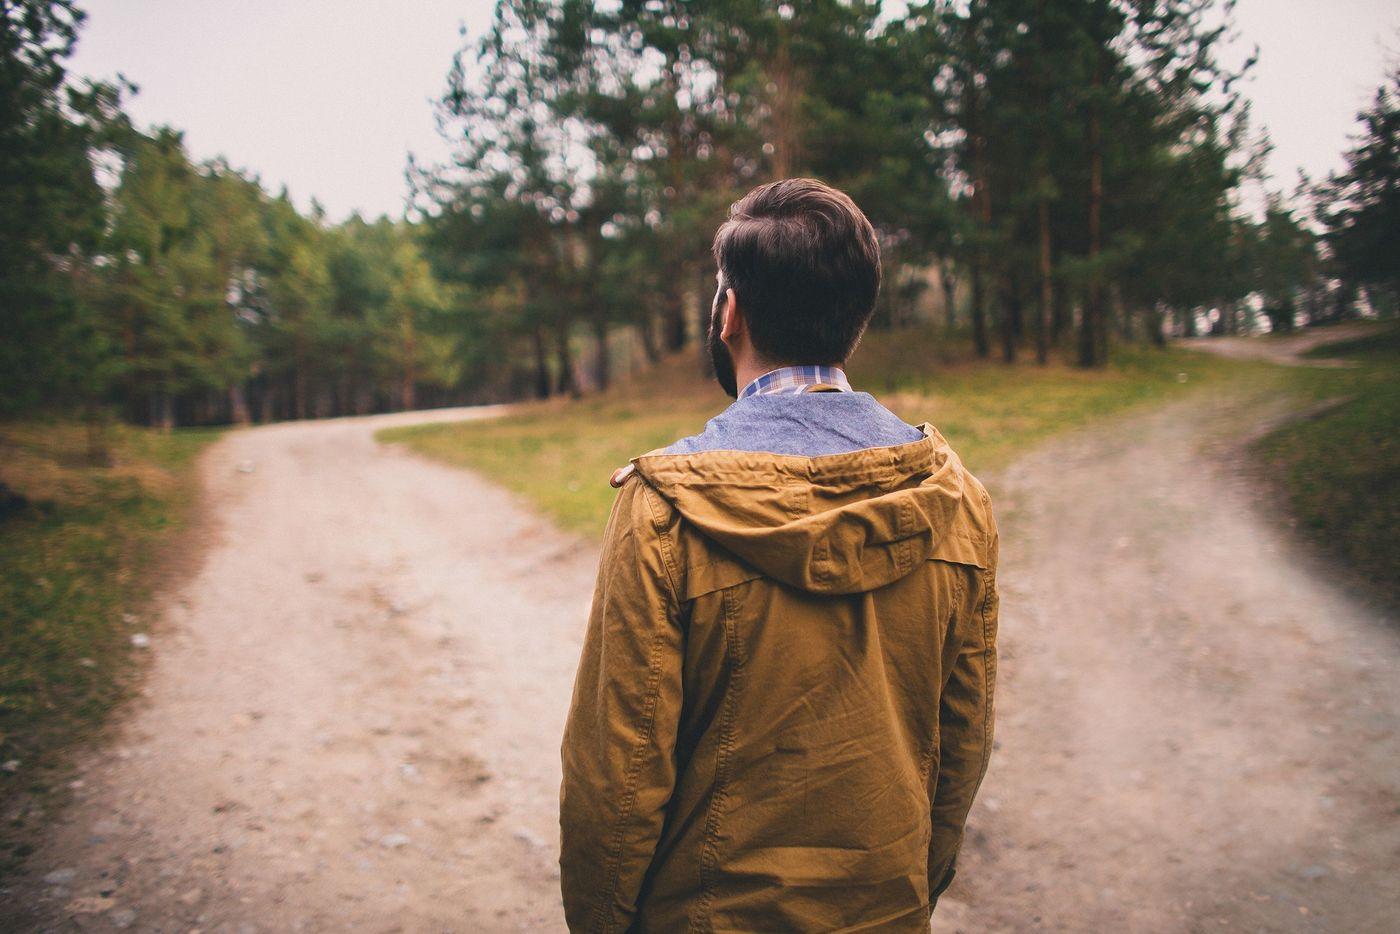 《カップル向け》恋人と距離を置くときの対処法・理想的な期間とは?の21枚目の画像